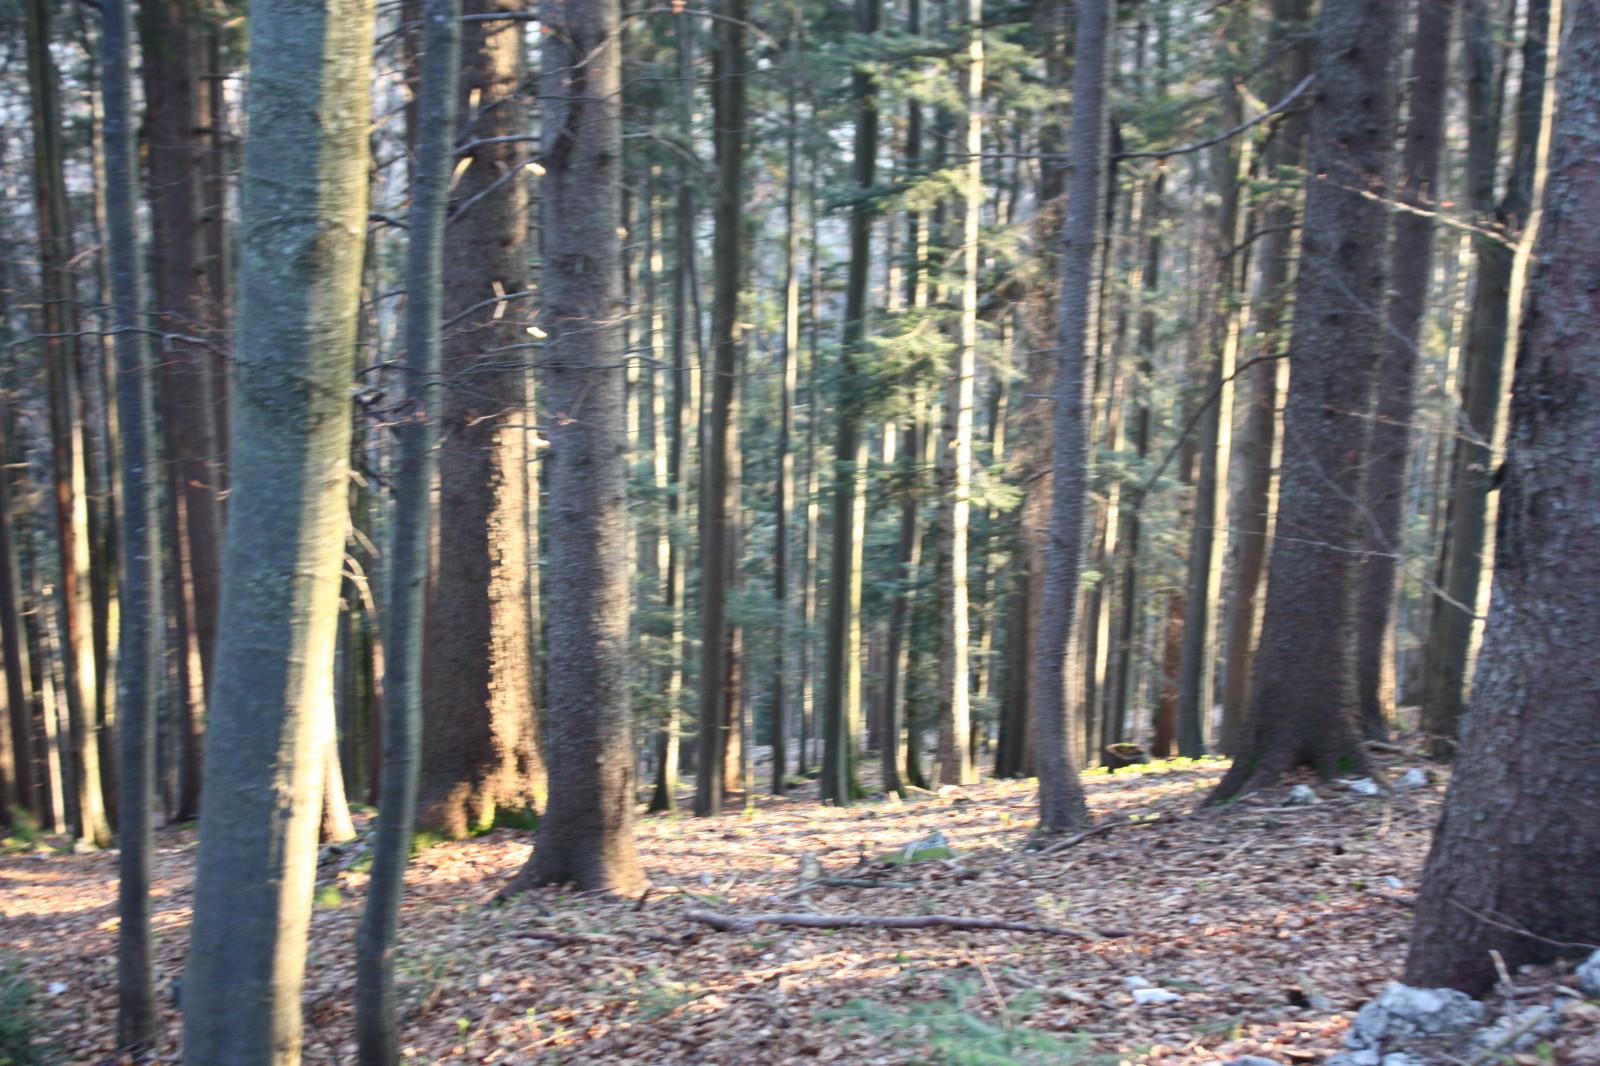 Immer wieder Wald...